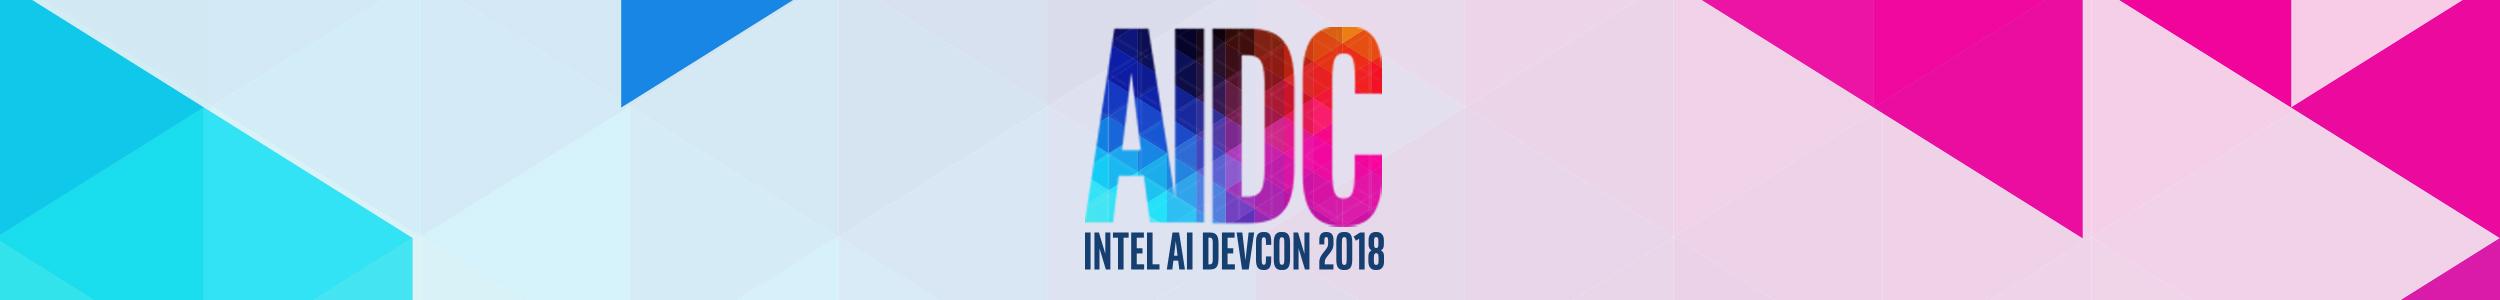 Intel AI DevCon 2018